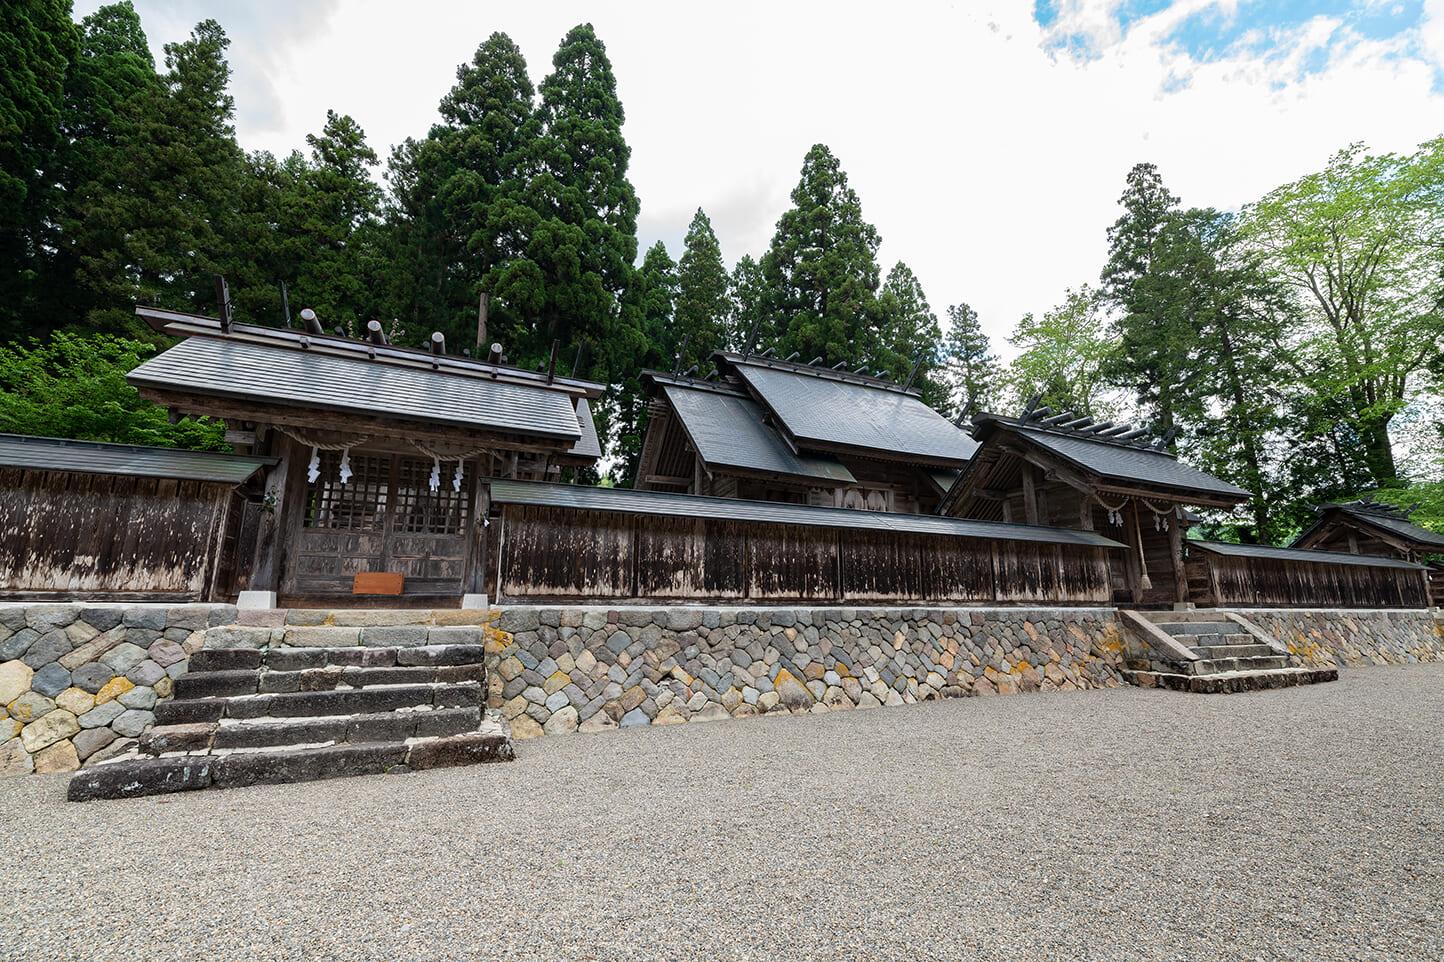 長滝白山神社・白山長瀧寺 スライダー画像2